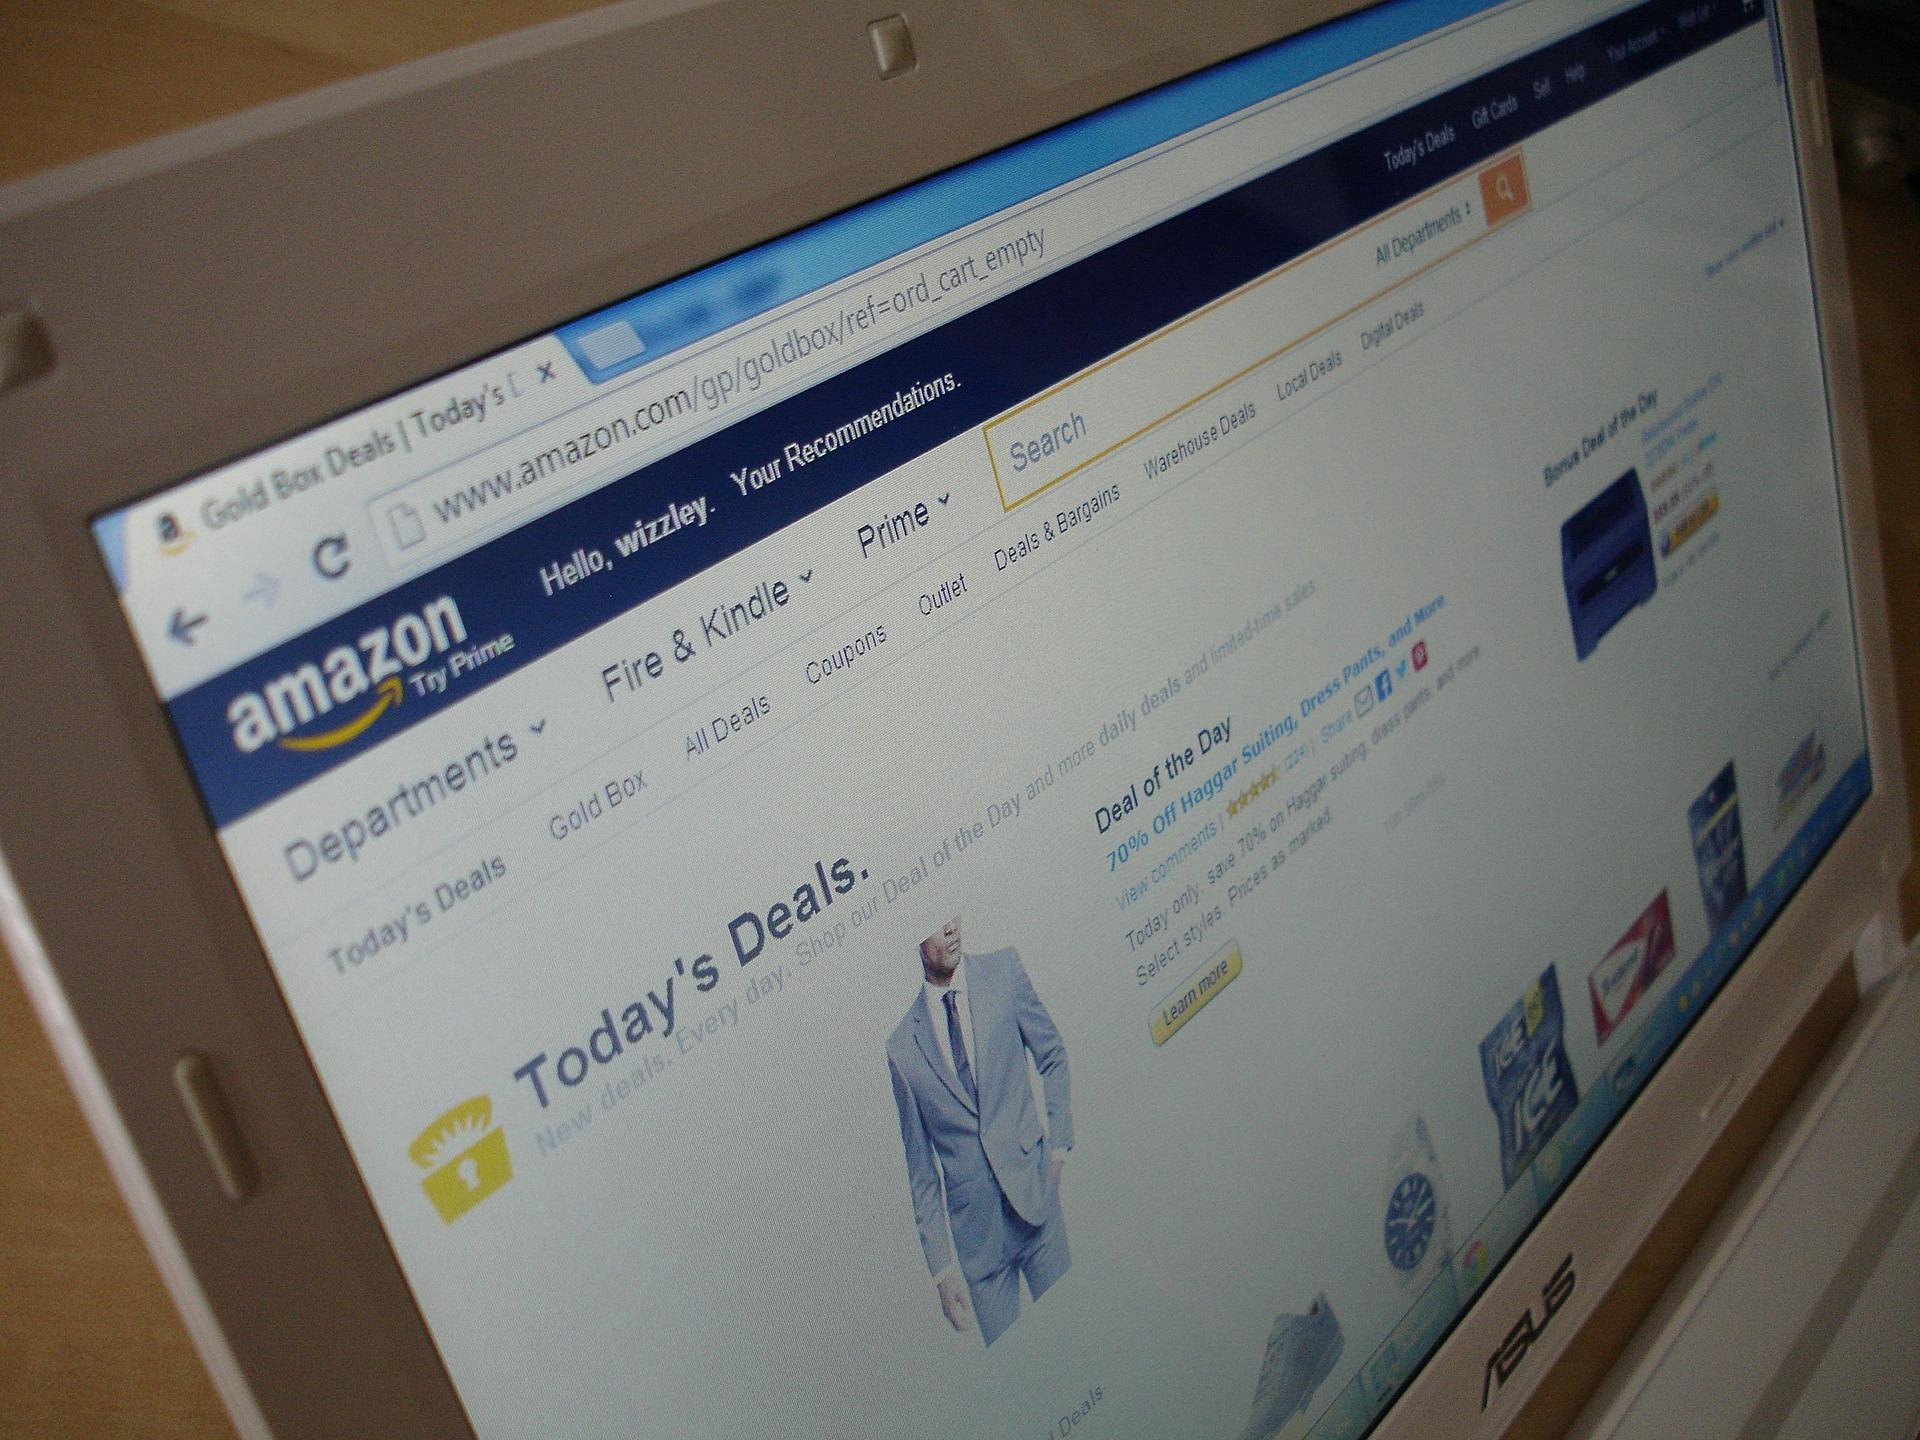 Un magasin Amazon Go ouvert à Londres